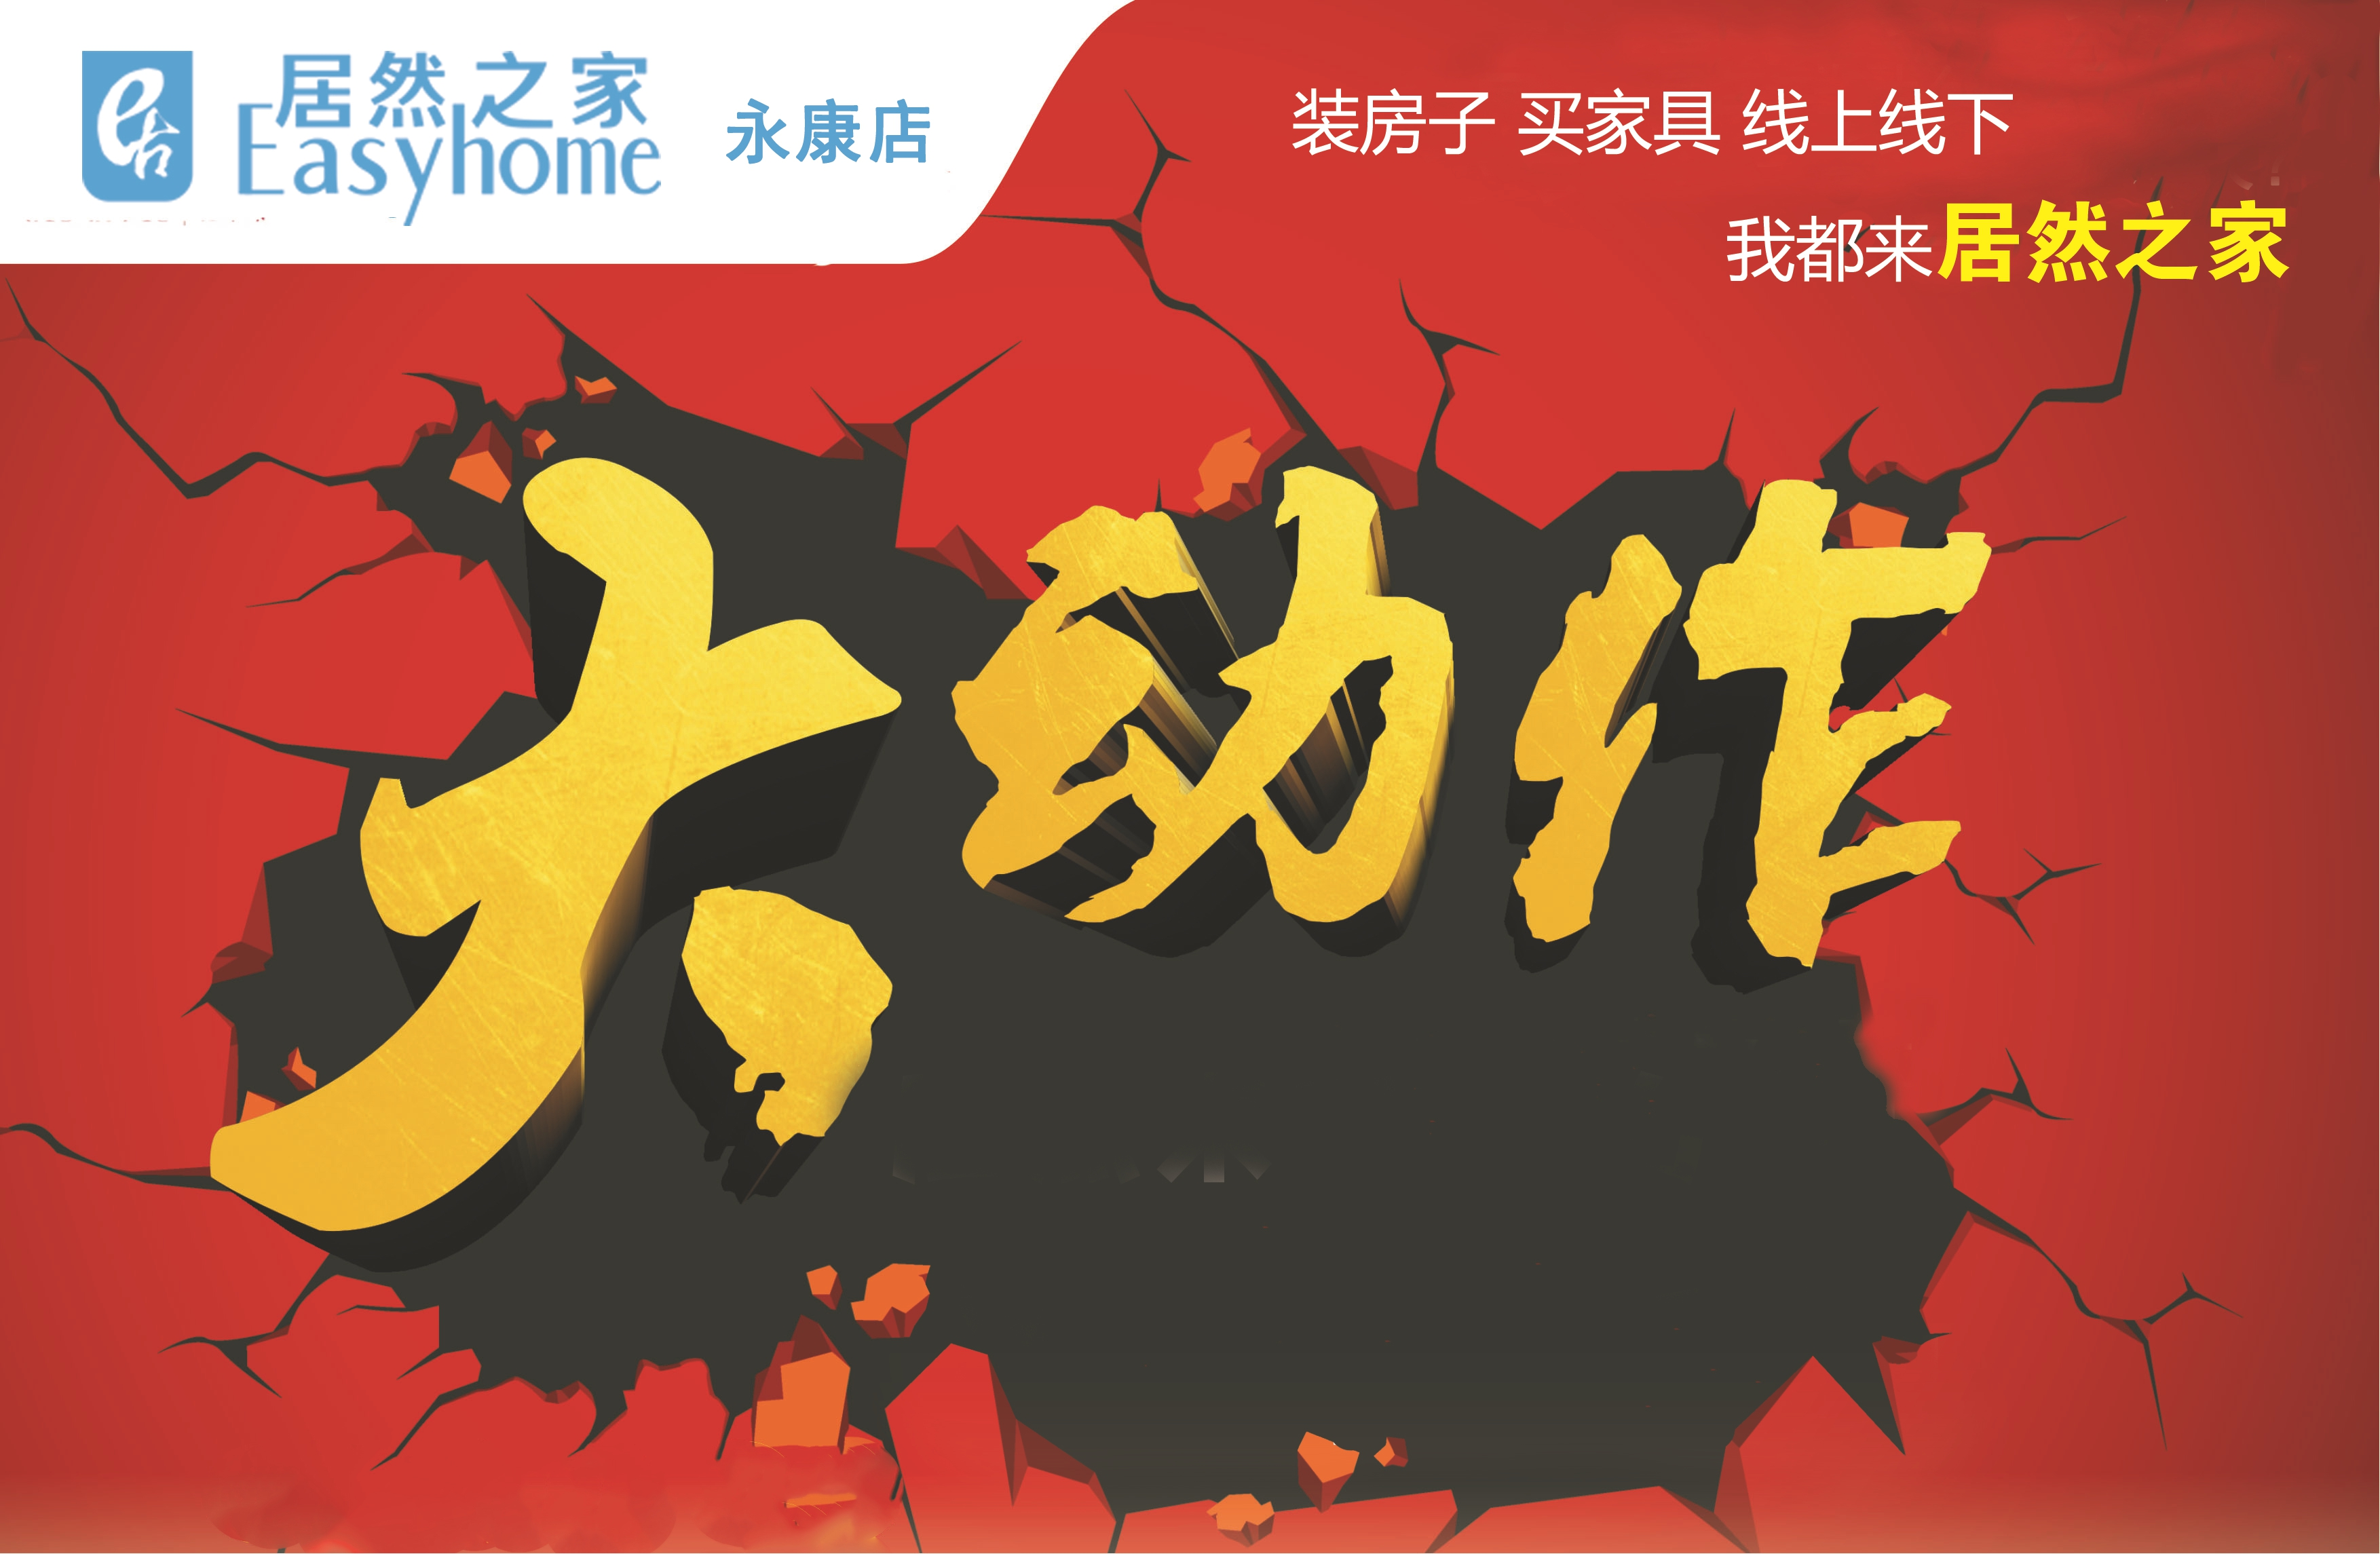 """热烈祝贺居然之家永康店8月10日""""大动作""""活动圆满成功!"""